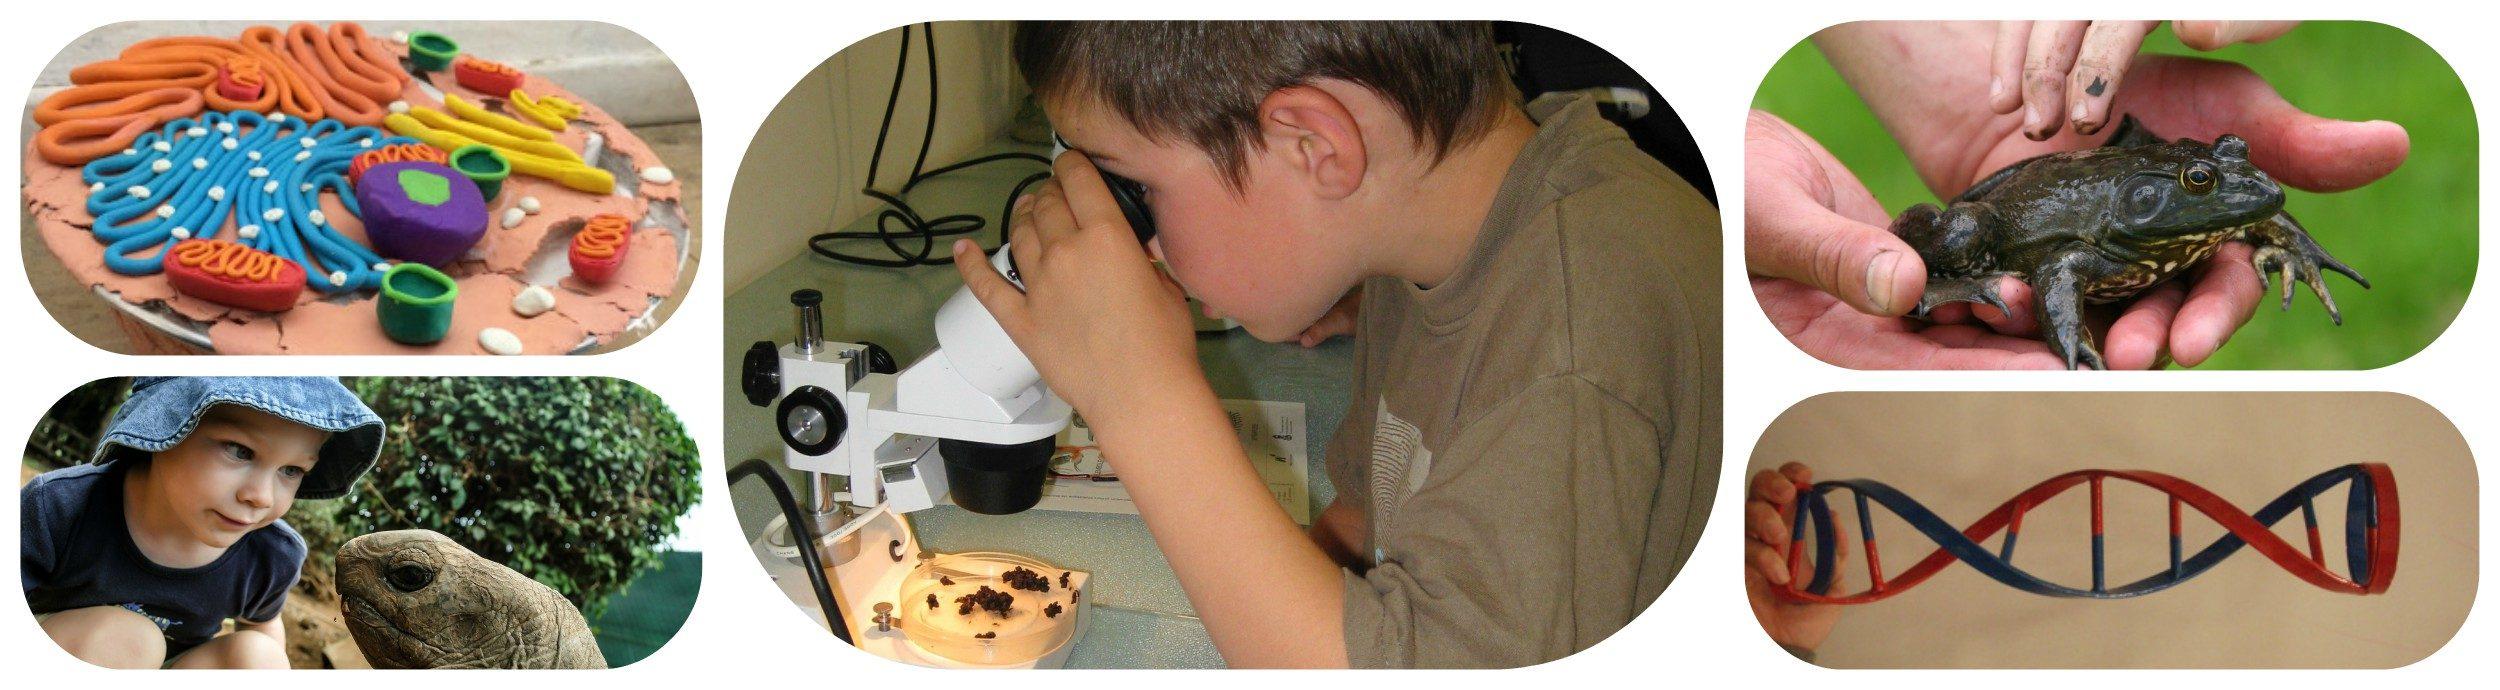 Η Βιολογία στην Εκπαίδευση